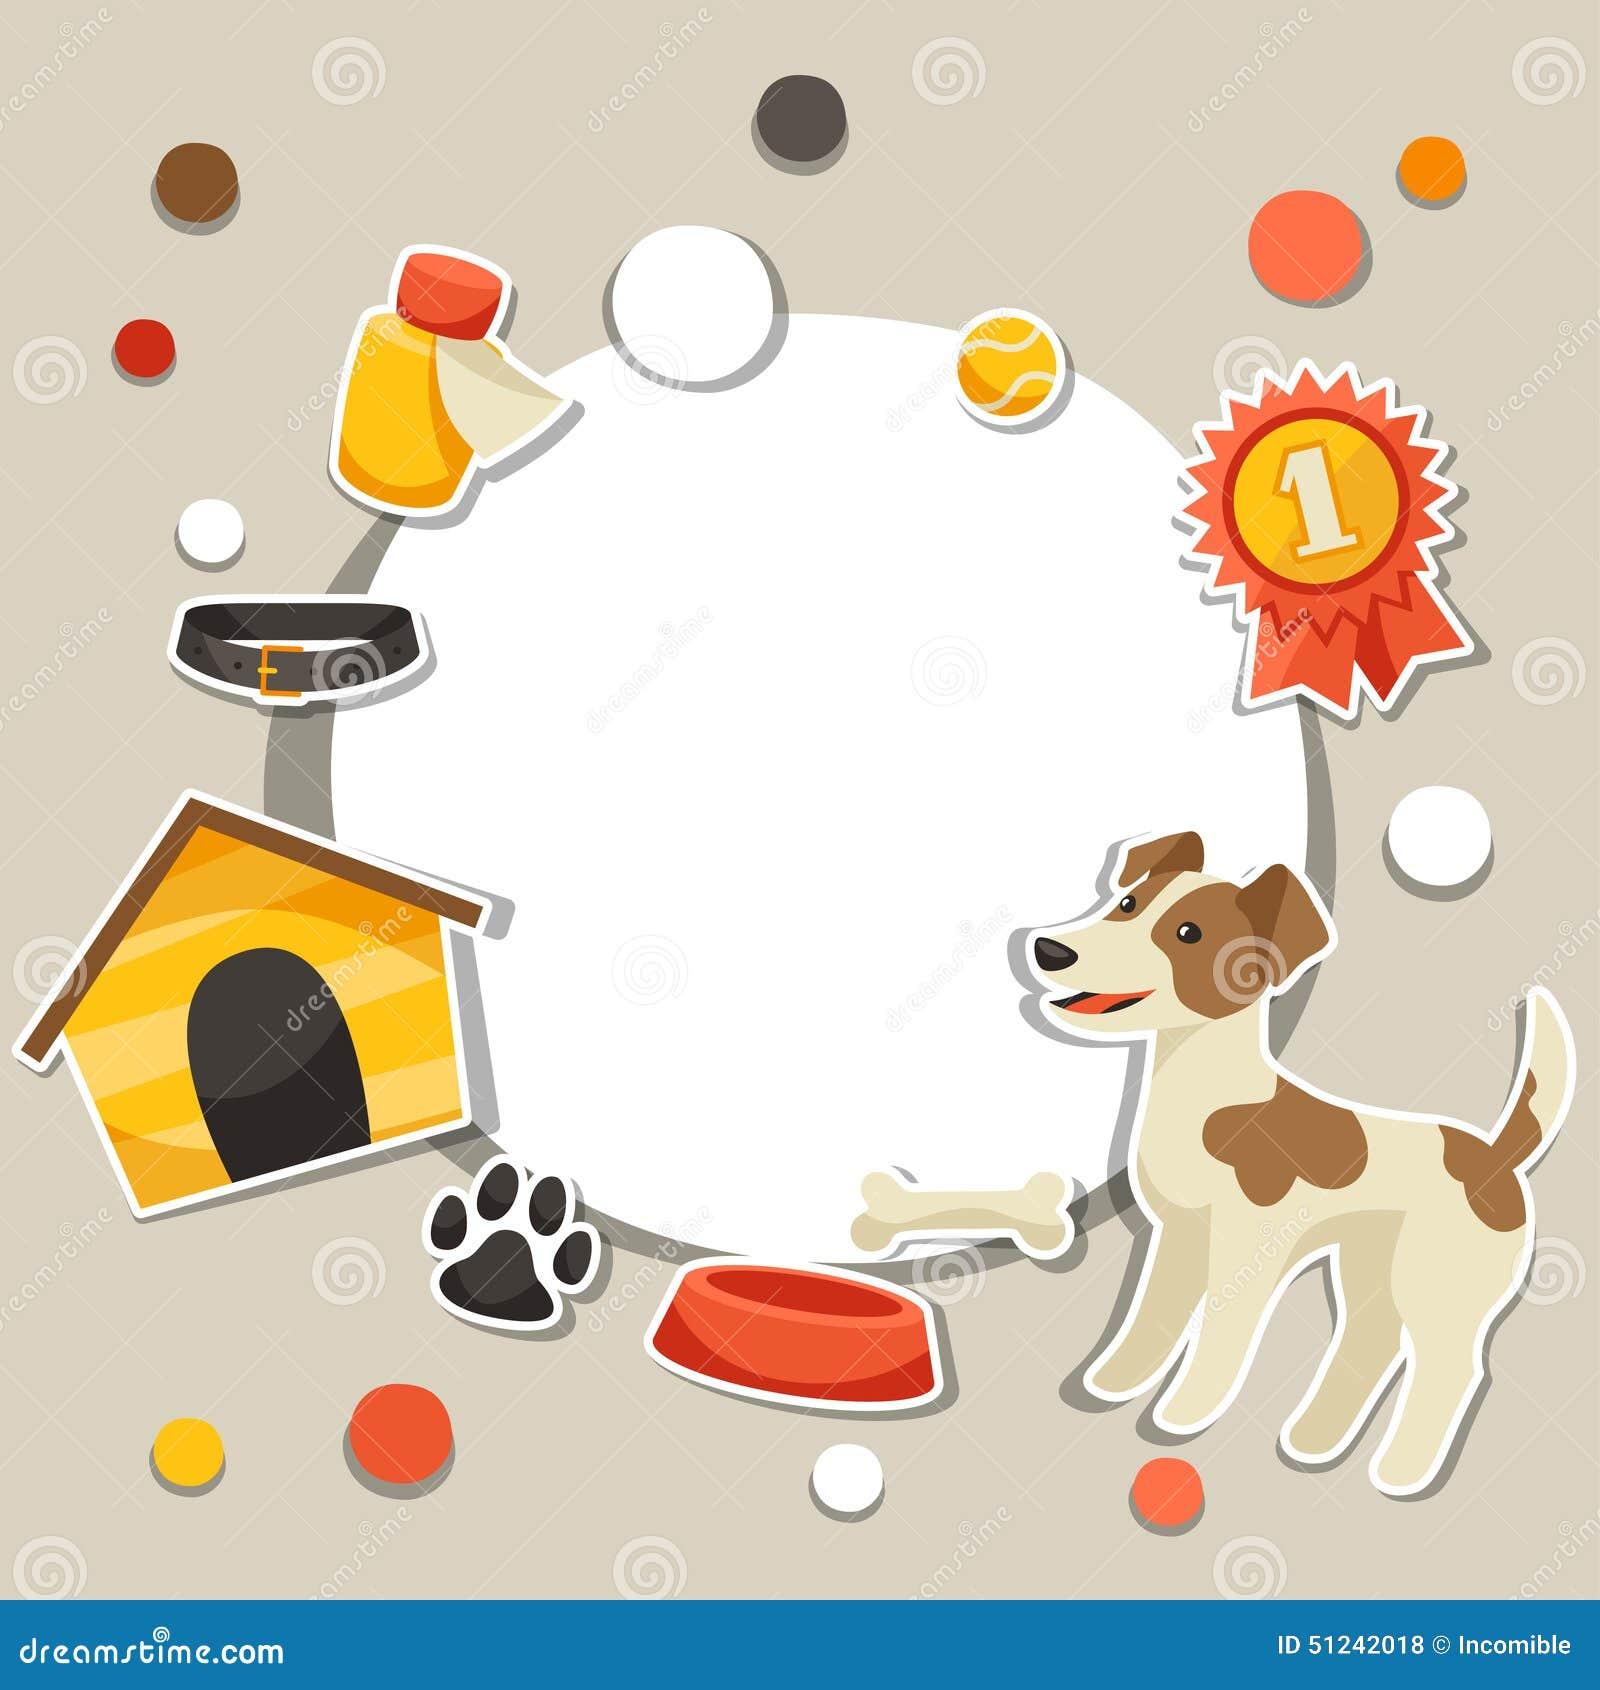 Hintergrund mit nettem Aufkleberhund, Ikonen und